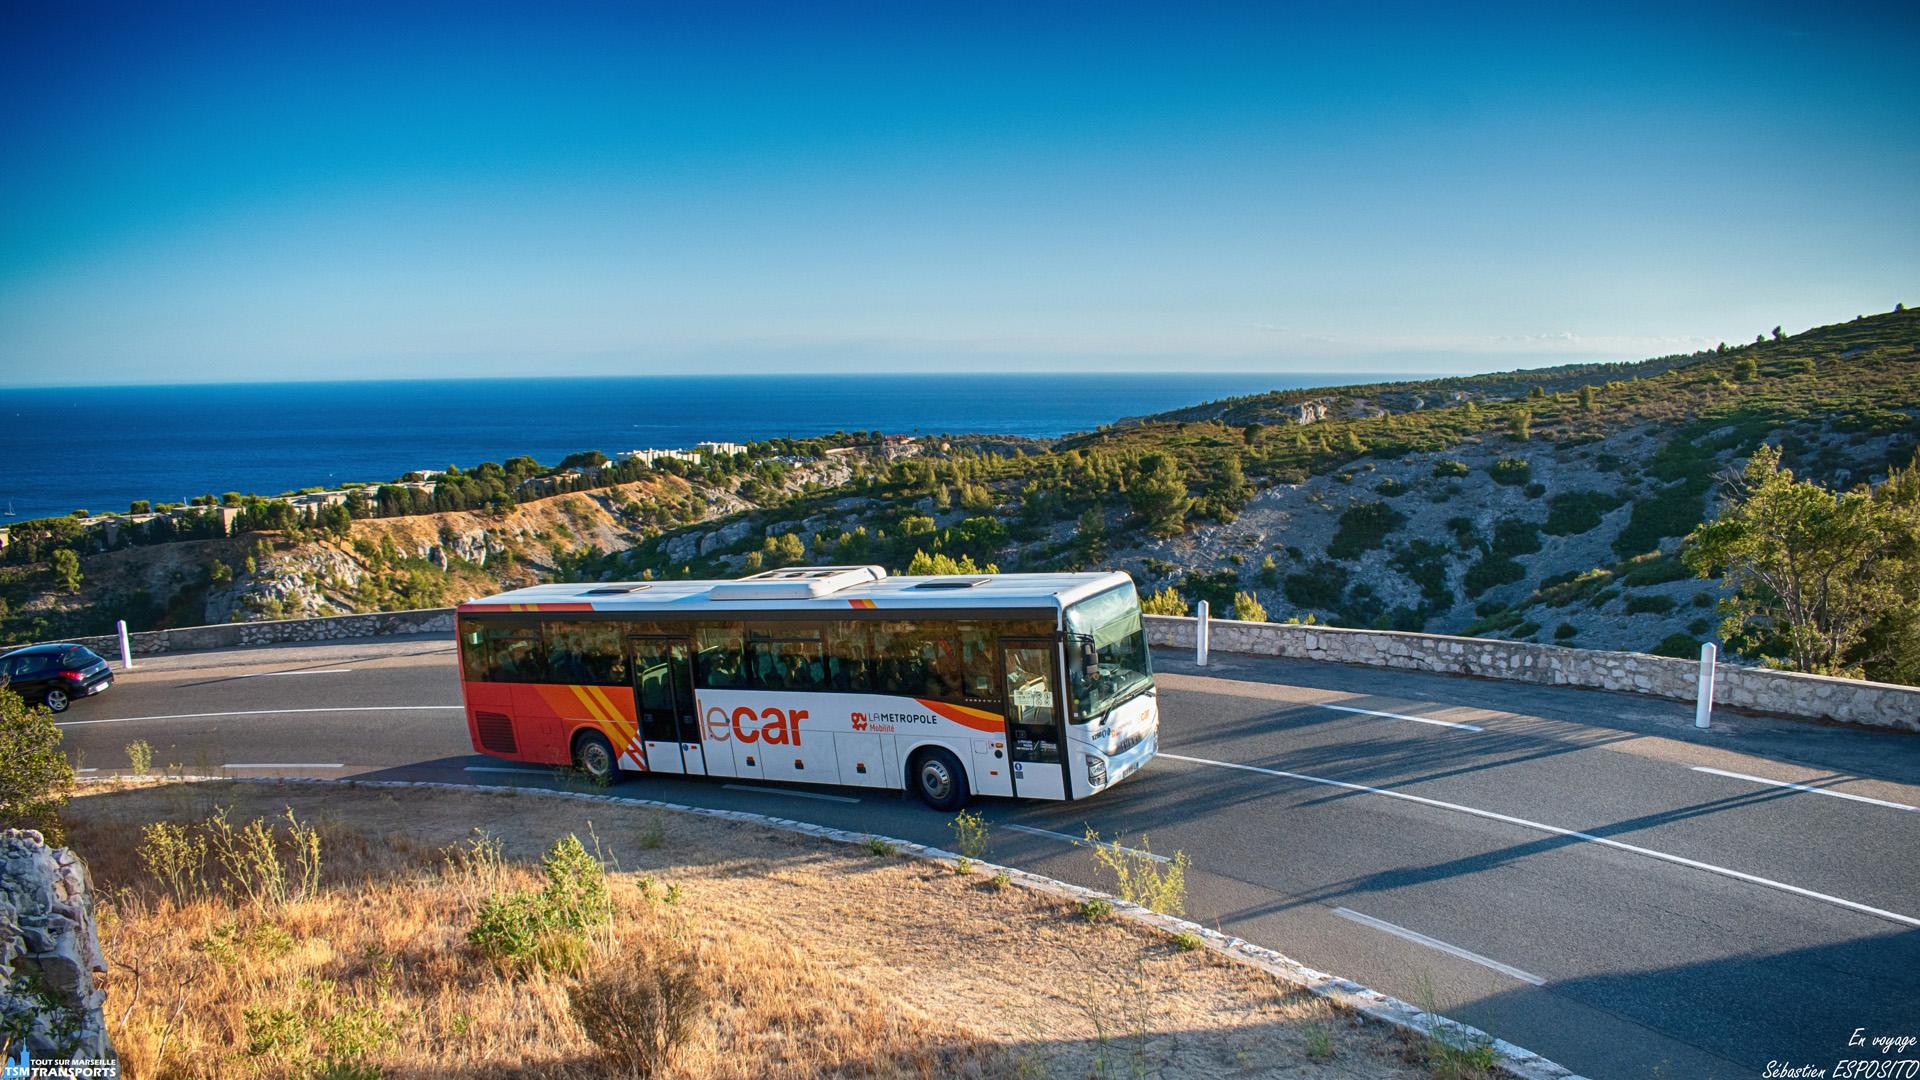 Marseille n'a pas fini de vous surprendre, la ligne M8 est encore mise à l'honneur aujourd'hui avec ce cliché d'un Crossway qui est en train de monter la fameuse gineste, cette fois ci du côté de Cassis, la mer et les calanques ce dévoilent aux yeux des vacanciers qui vont ou reviennent de la plage. . ℹ️ Iveco Crossway pop n°1290 S.N.T. SUMA @transportsuma . . 📍 Départementale D559, Route de la Gineste, 13260 Cassis. . ↔️ M8 : Carnoux - Cassis - Marseille Castellane. . 📸 Nikon D5600. . 📷 Nikkor 18-55mm. . 📅 15 Août 2019 à 19:15.